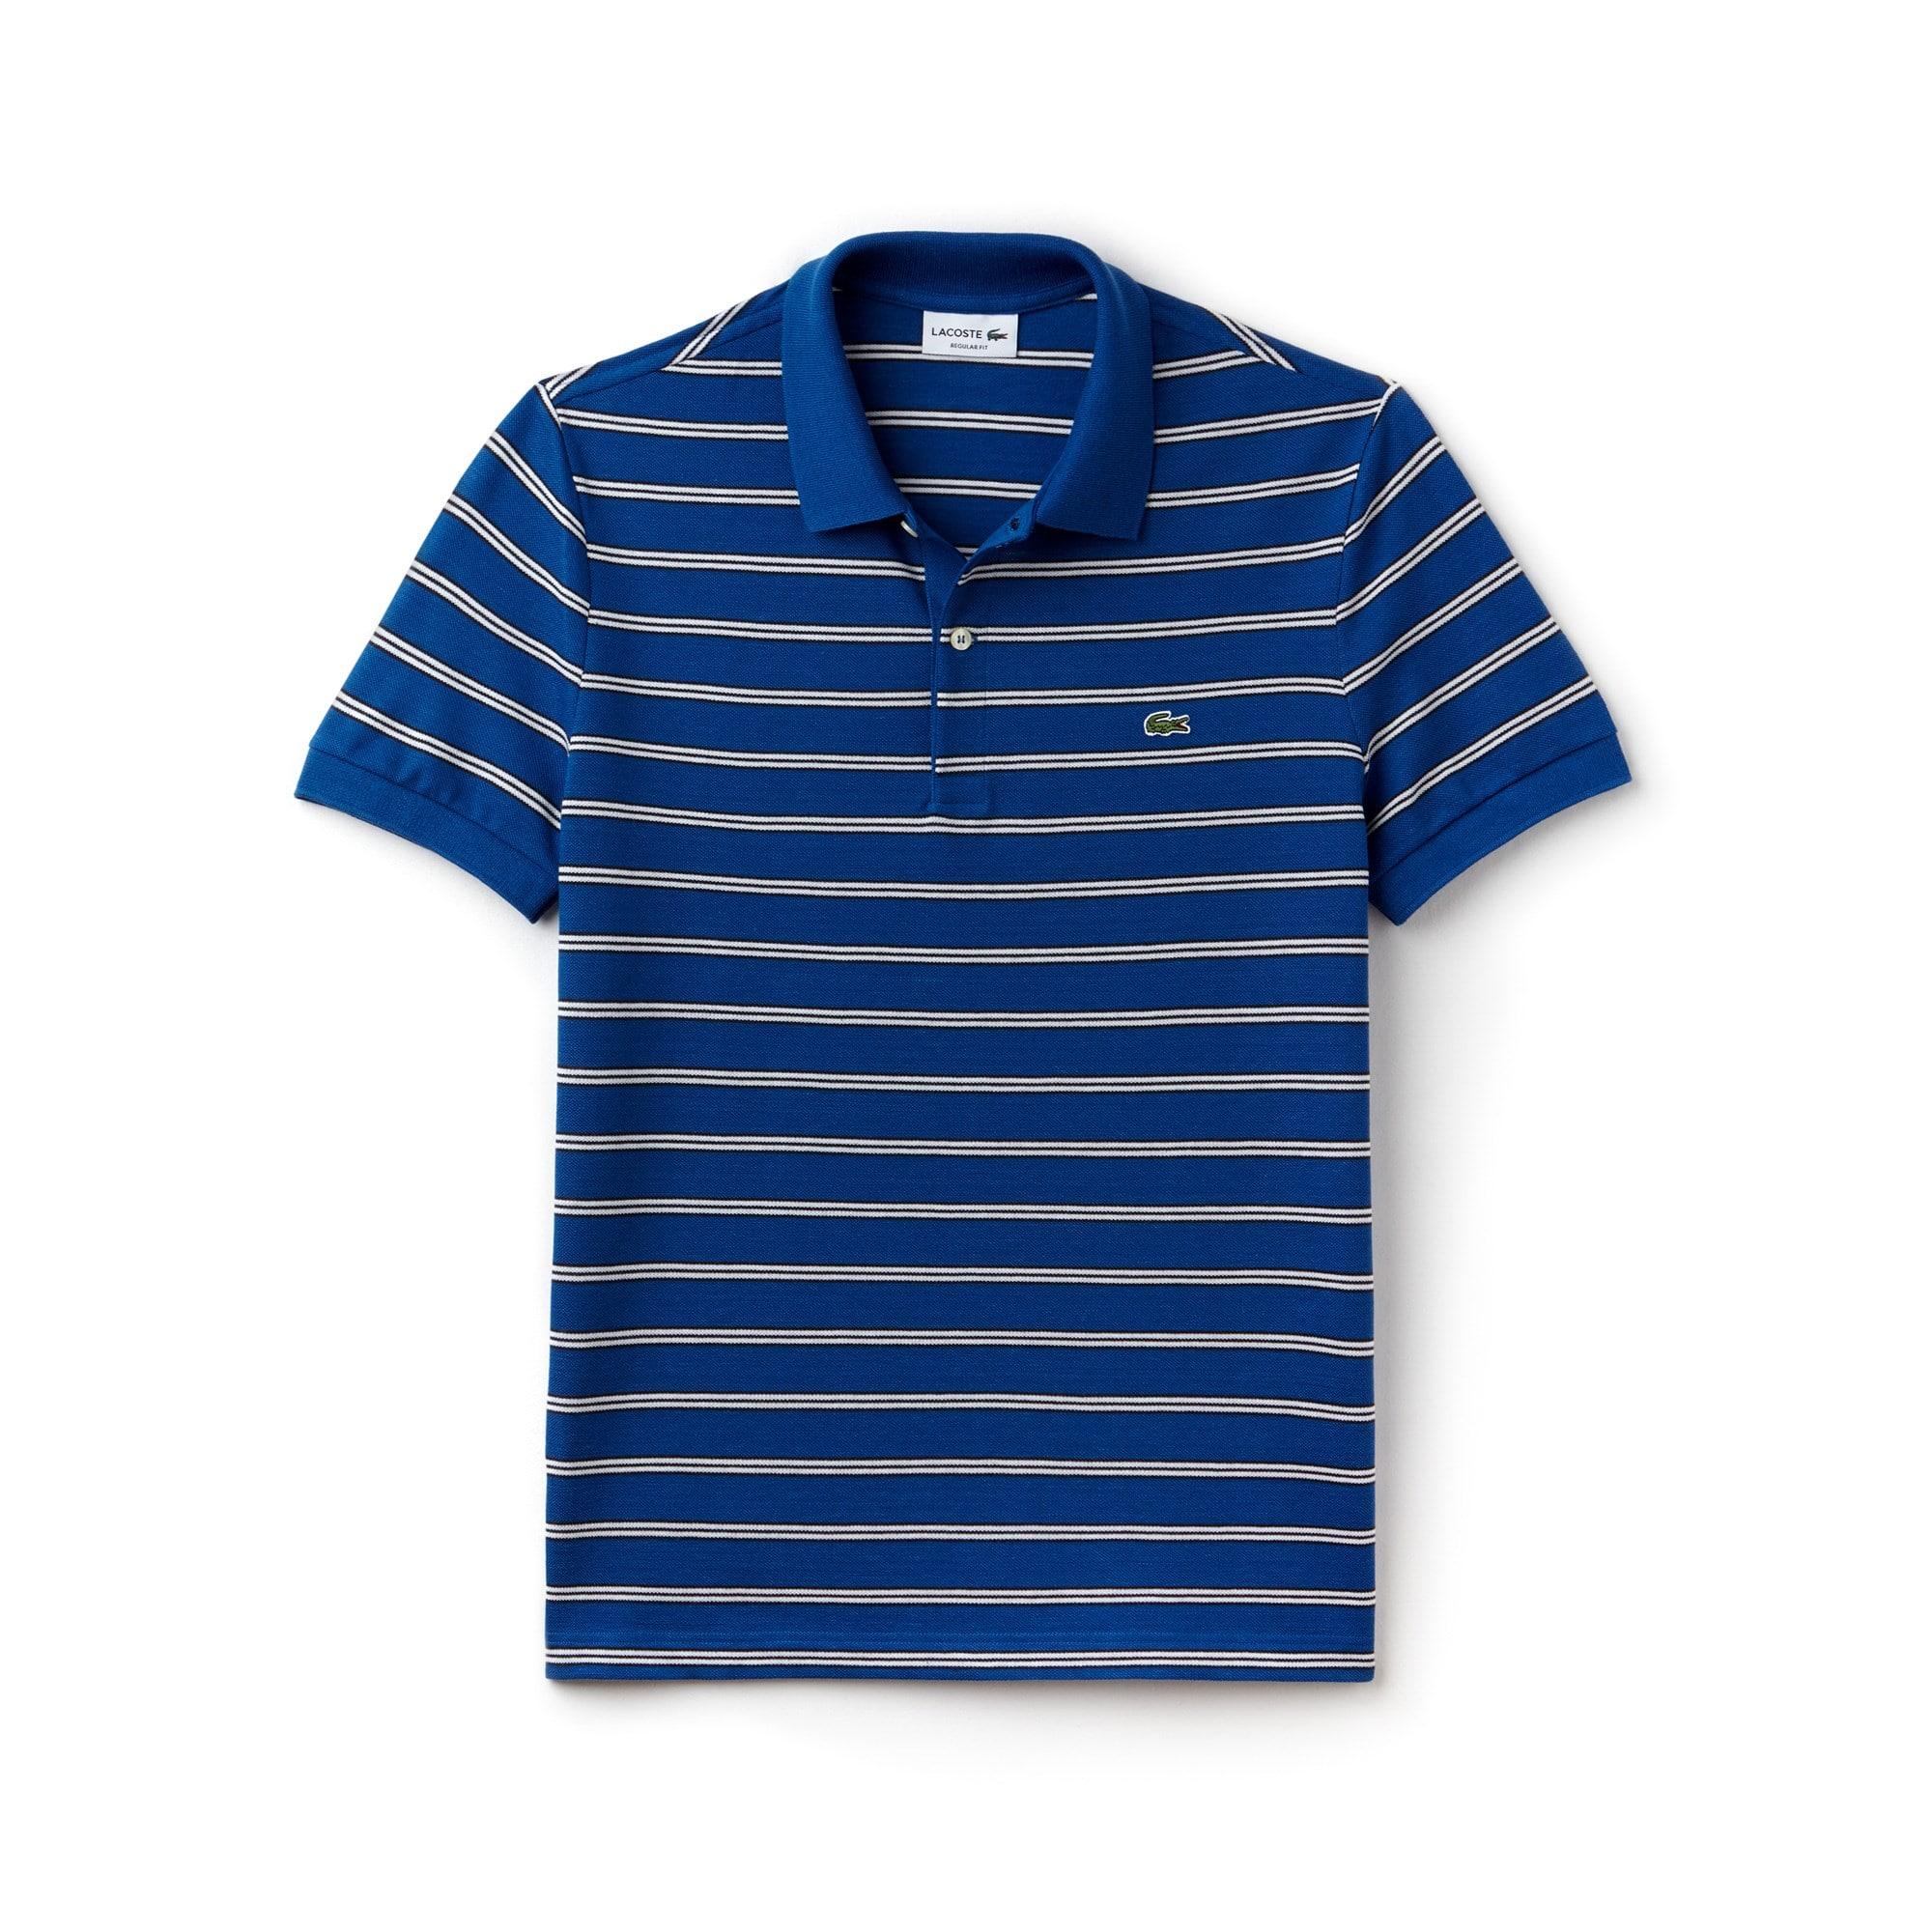 Men's Lacoste Regular Fit Striped Texturized Cotton Piqué Polo